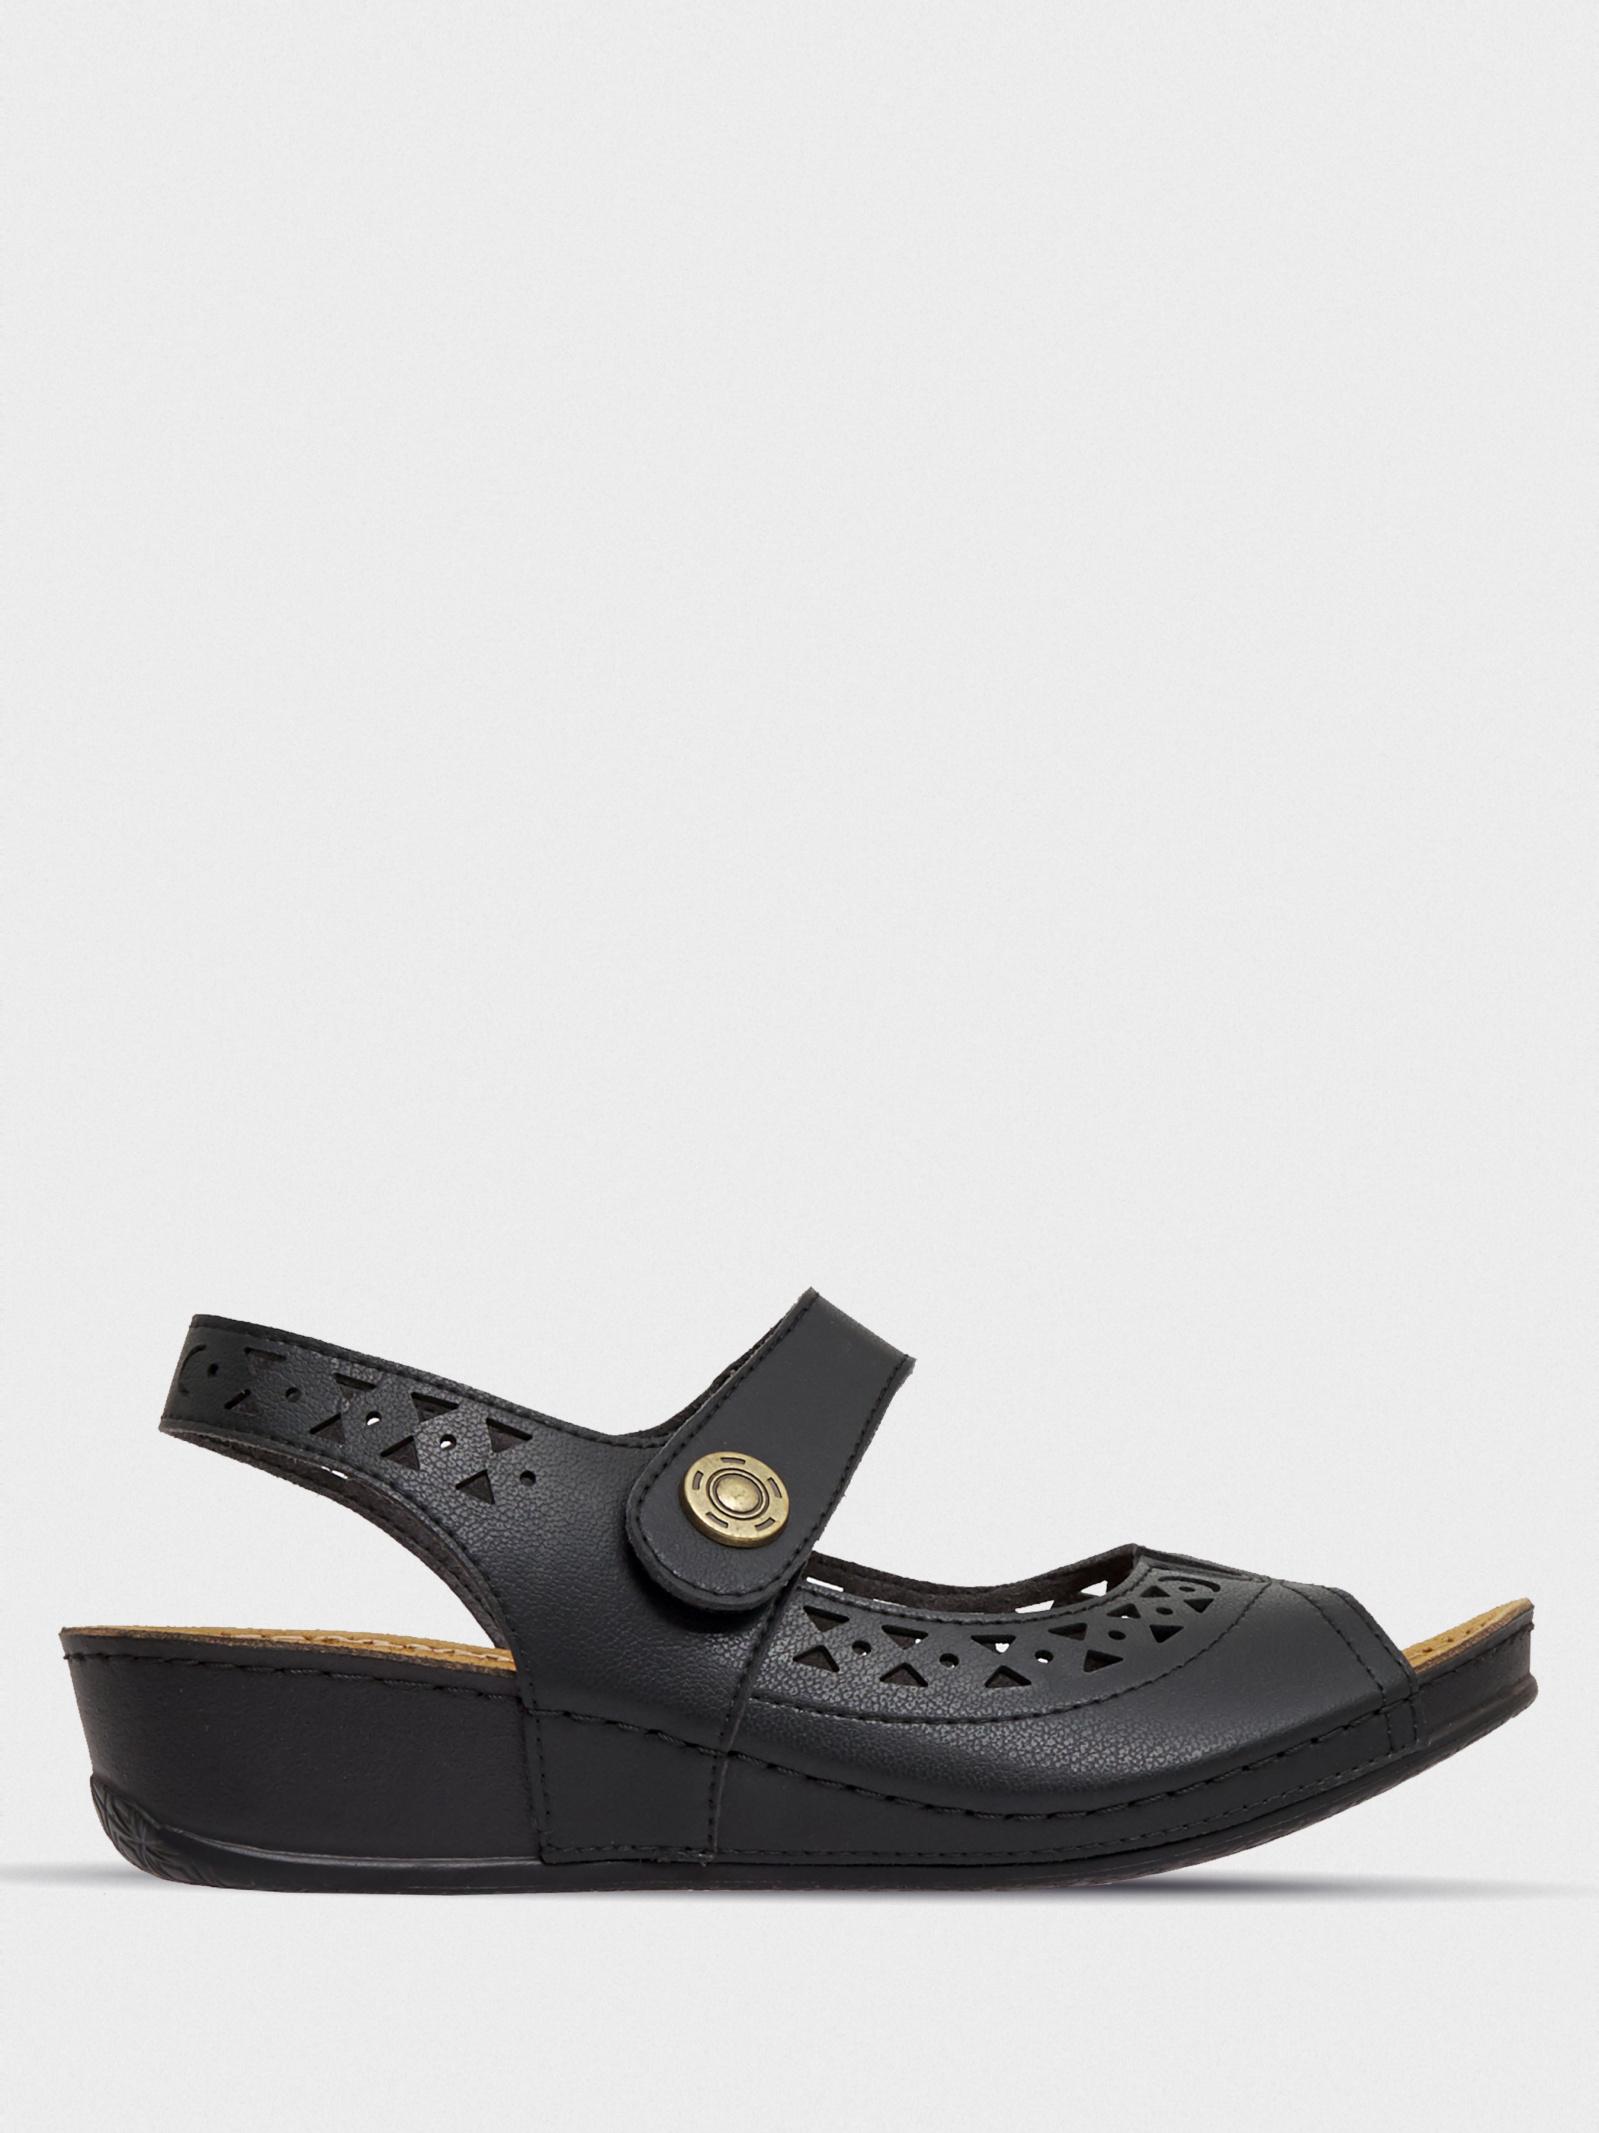 Сандалии для женщин Gunter 417318-3201 модная обувь, 2017